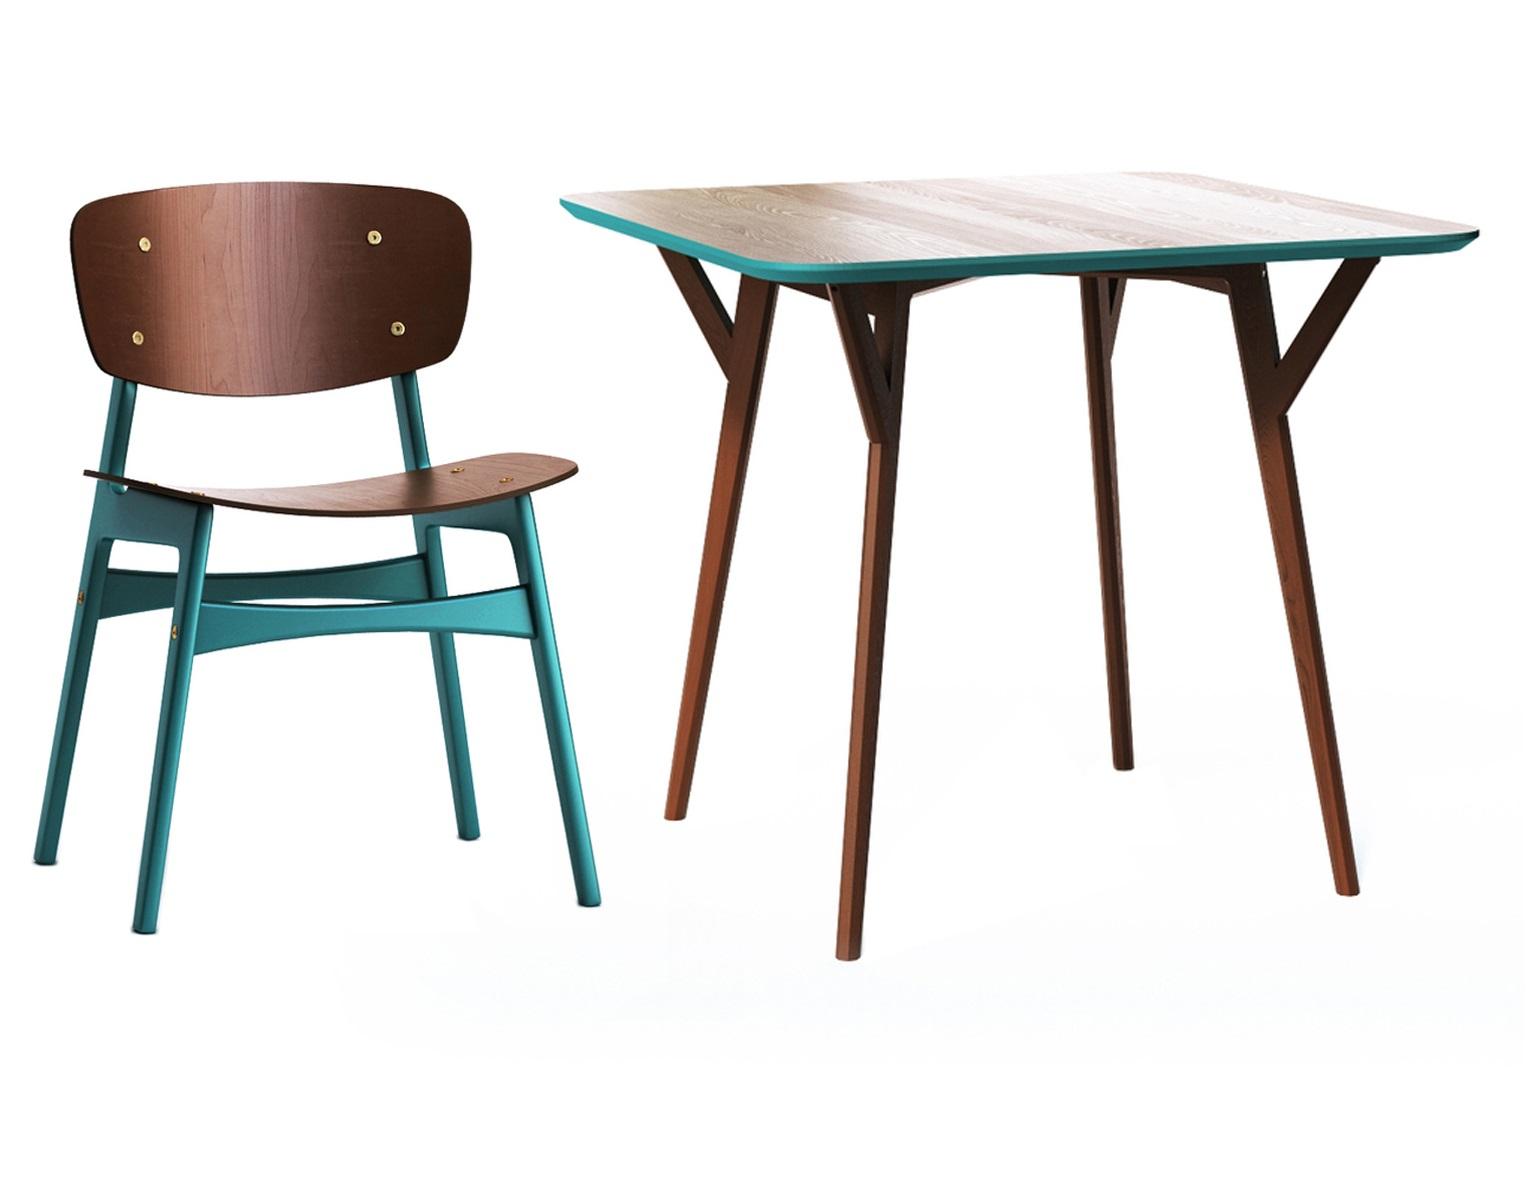 Обеденная группа Square (стол + 4 стула)Комплекты для столовой<br>&amp;lt;span style=&amp;quot;font-size: 14px;&amp;quot;&amp;gt;Удобная столешница стола без острых углов, основание из массива дуба, выверенные пропорции и множество цветов отделки – особенно удачная находка для небольших помещений и общественных пространств. &amp;amp;nbsp;Компанию этому столу составят я&amp;lt;/span&amp;gt;&amp;lt;span style=&amp;quot;font-size: 14px;&amp;quot;&amp;gt;ркие и энергичные обеденные стулья, которые зададут настроение любой кухне в скандинавском стиле. Спинка и сидение стула слегка изогнуты, что обеспечит полный комфорт во время трапезы. Ножки и поперечные перекладины окрашены в красный цвет, особенно выделяясь на фоне светлого дерева. Подобный контраст привлечет внимание гостей и не оставит без комплимента обеденную зону.&amp;lt;/span&amp;gt;&amp;lt;br&amp;gt;&amp;lt;div&amp;gt;&amp;lt;br&amp;gt;&amp;lt;/div&amp;gt;&amp;lt;div&amp;gt;Размеры стола: 90х75х90&amp;lt;/div&amp;gt;&amp;lt;div&amp;gt;Материалы стола: дуб&amp;lt;/div&amp;gt;&amp;lt;div&amp;gt;&amp;lt;br&amp;gt;&amp;lt;/div&amp;gt;&amp;lt;div&amp;gt;&amp;lt;div&amp;gt;Размеры стула: 54х78х46 см&amp;lt;/div&amp;gt;&amp;lt;div&amp;gt;Материалы стула: дерево&amp;lt;/div&amp;gt;&amp;lt;div&amp;gt;&amp;lt;br&amp;gt;&amp;lt;/div&amp;gt;<br><br>&amp;lt;/div&amp;gt;<br><br>Material: Дерево<br>Length см: None<br>Width см: 90<br>Depth см: 90<br>Height см: 75<br>Diameter см: None